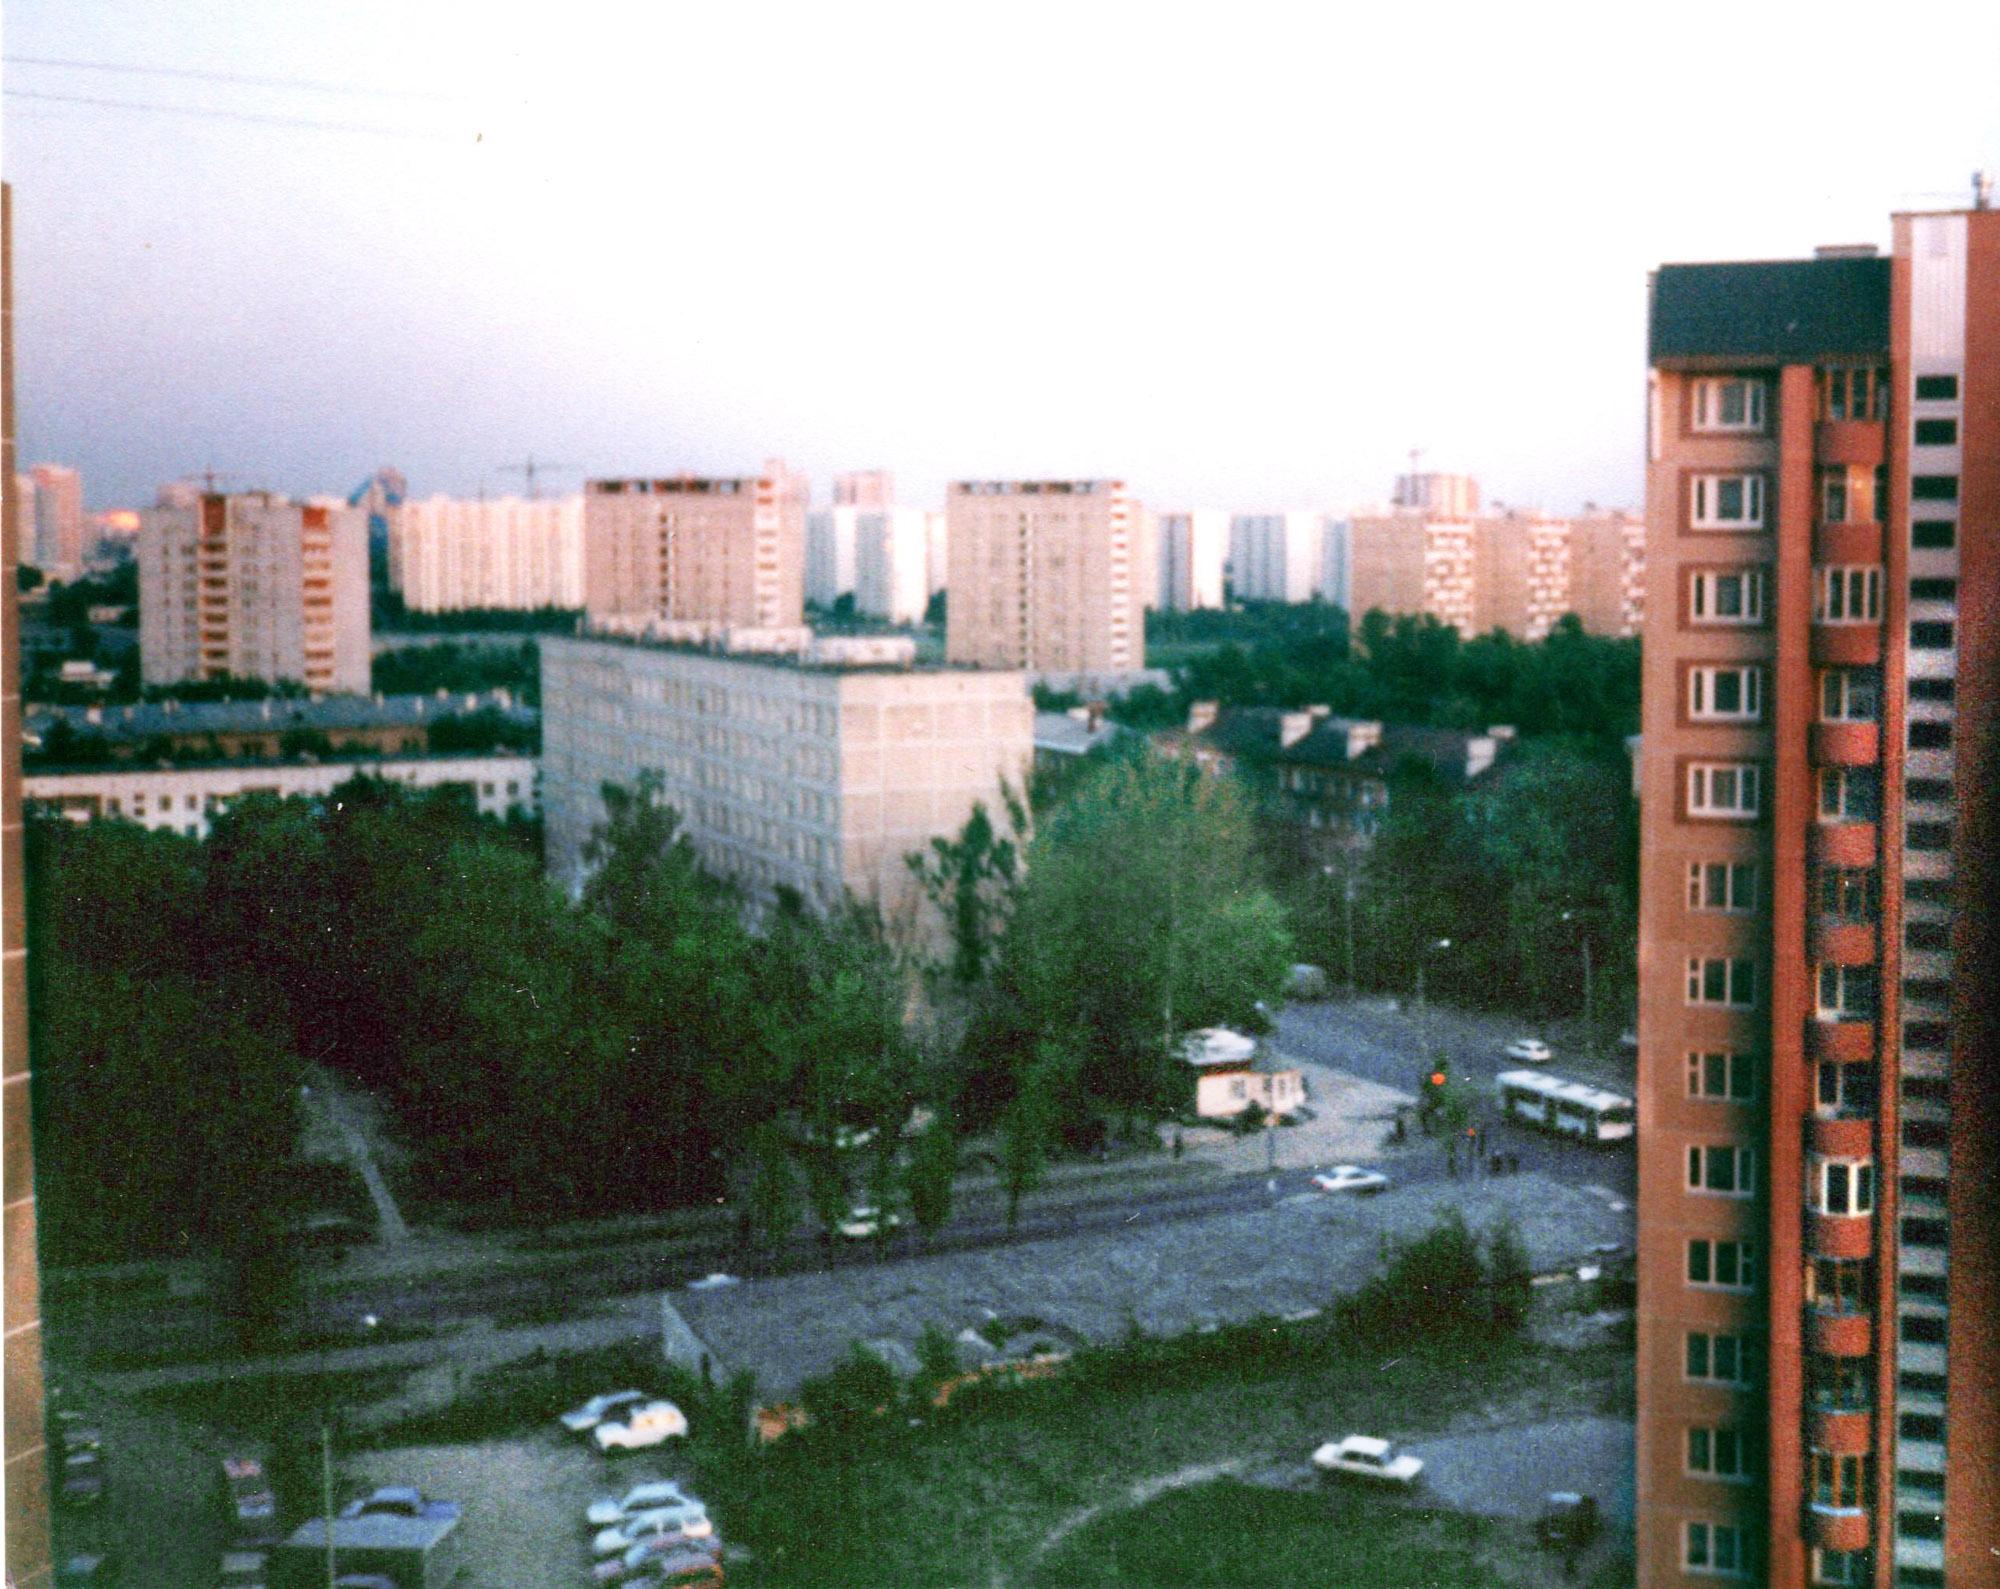 2003 Вид на перекрёсток. Мария Семенова1